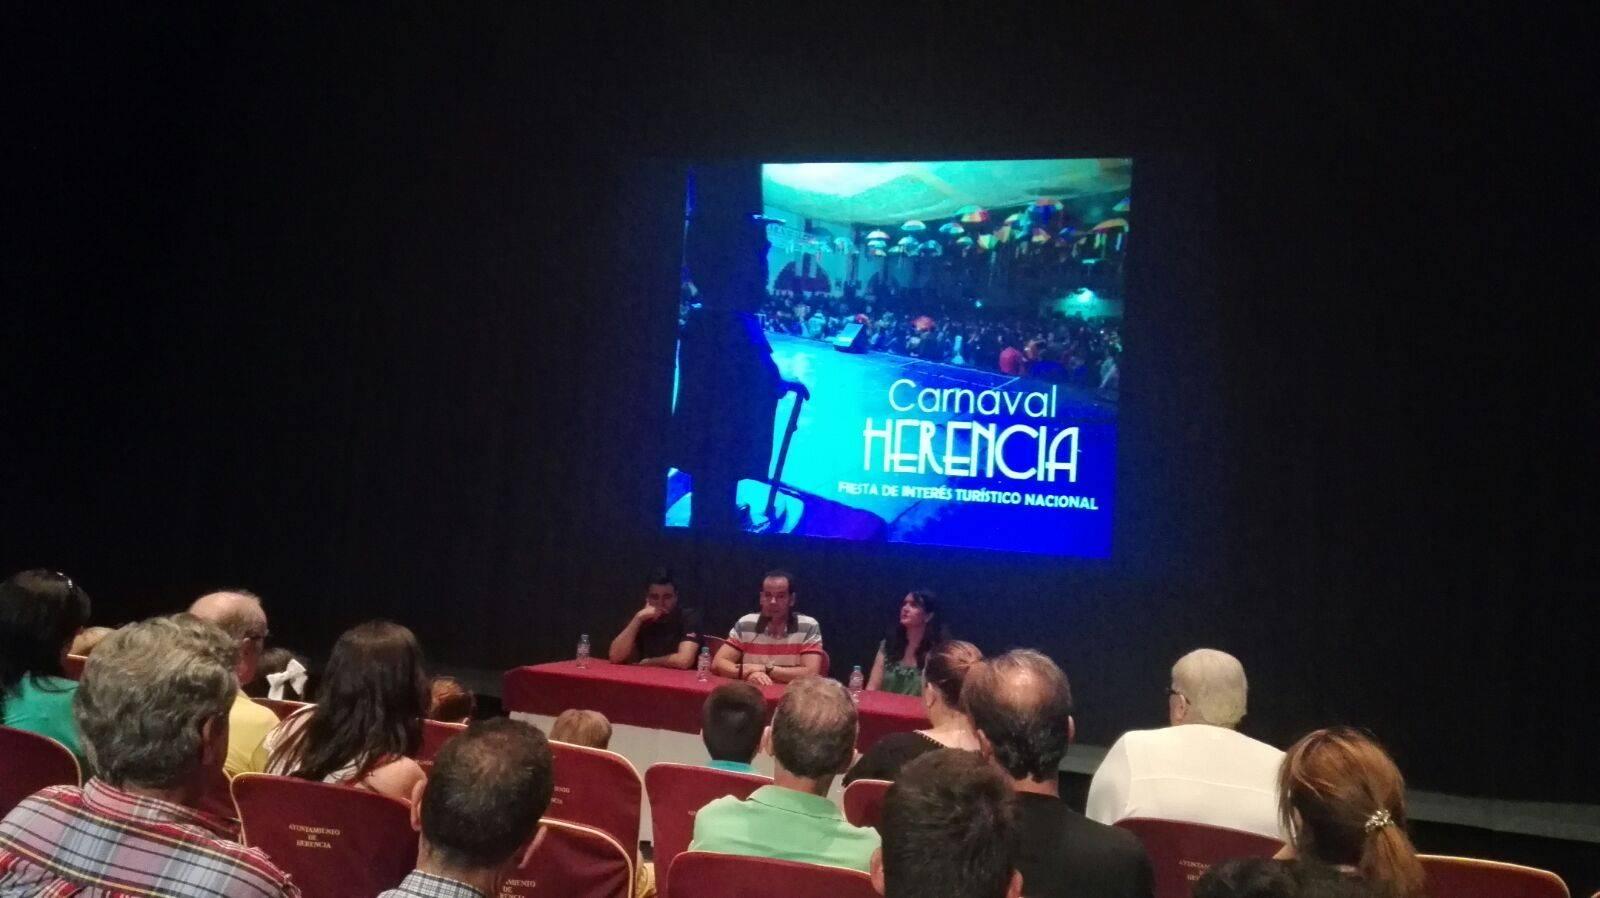 video carnaval nacional - La Comisión de Carnaval de Herencia habla de la Declaración de Interés Turístico Nacional